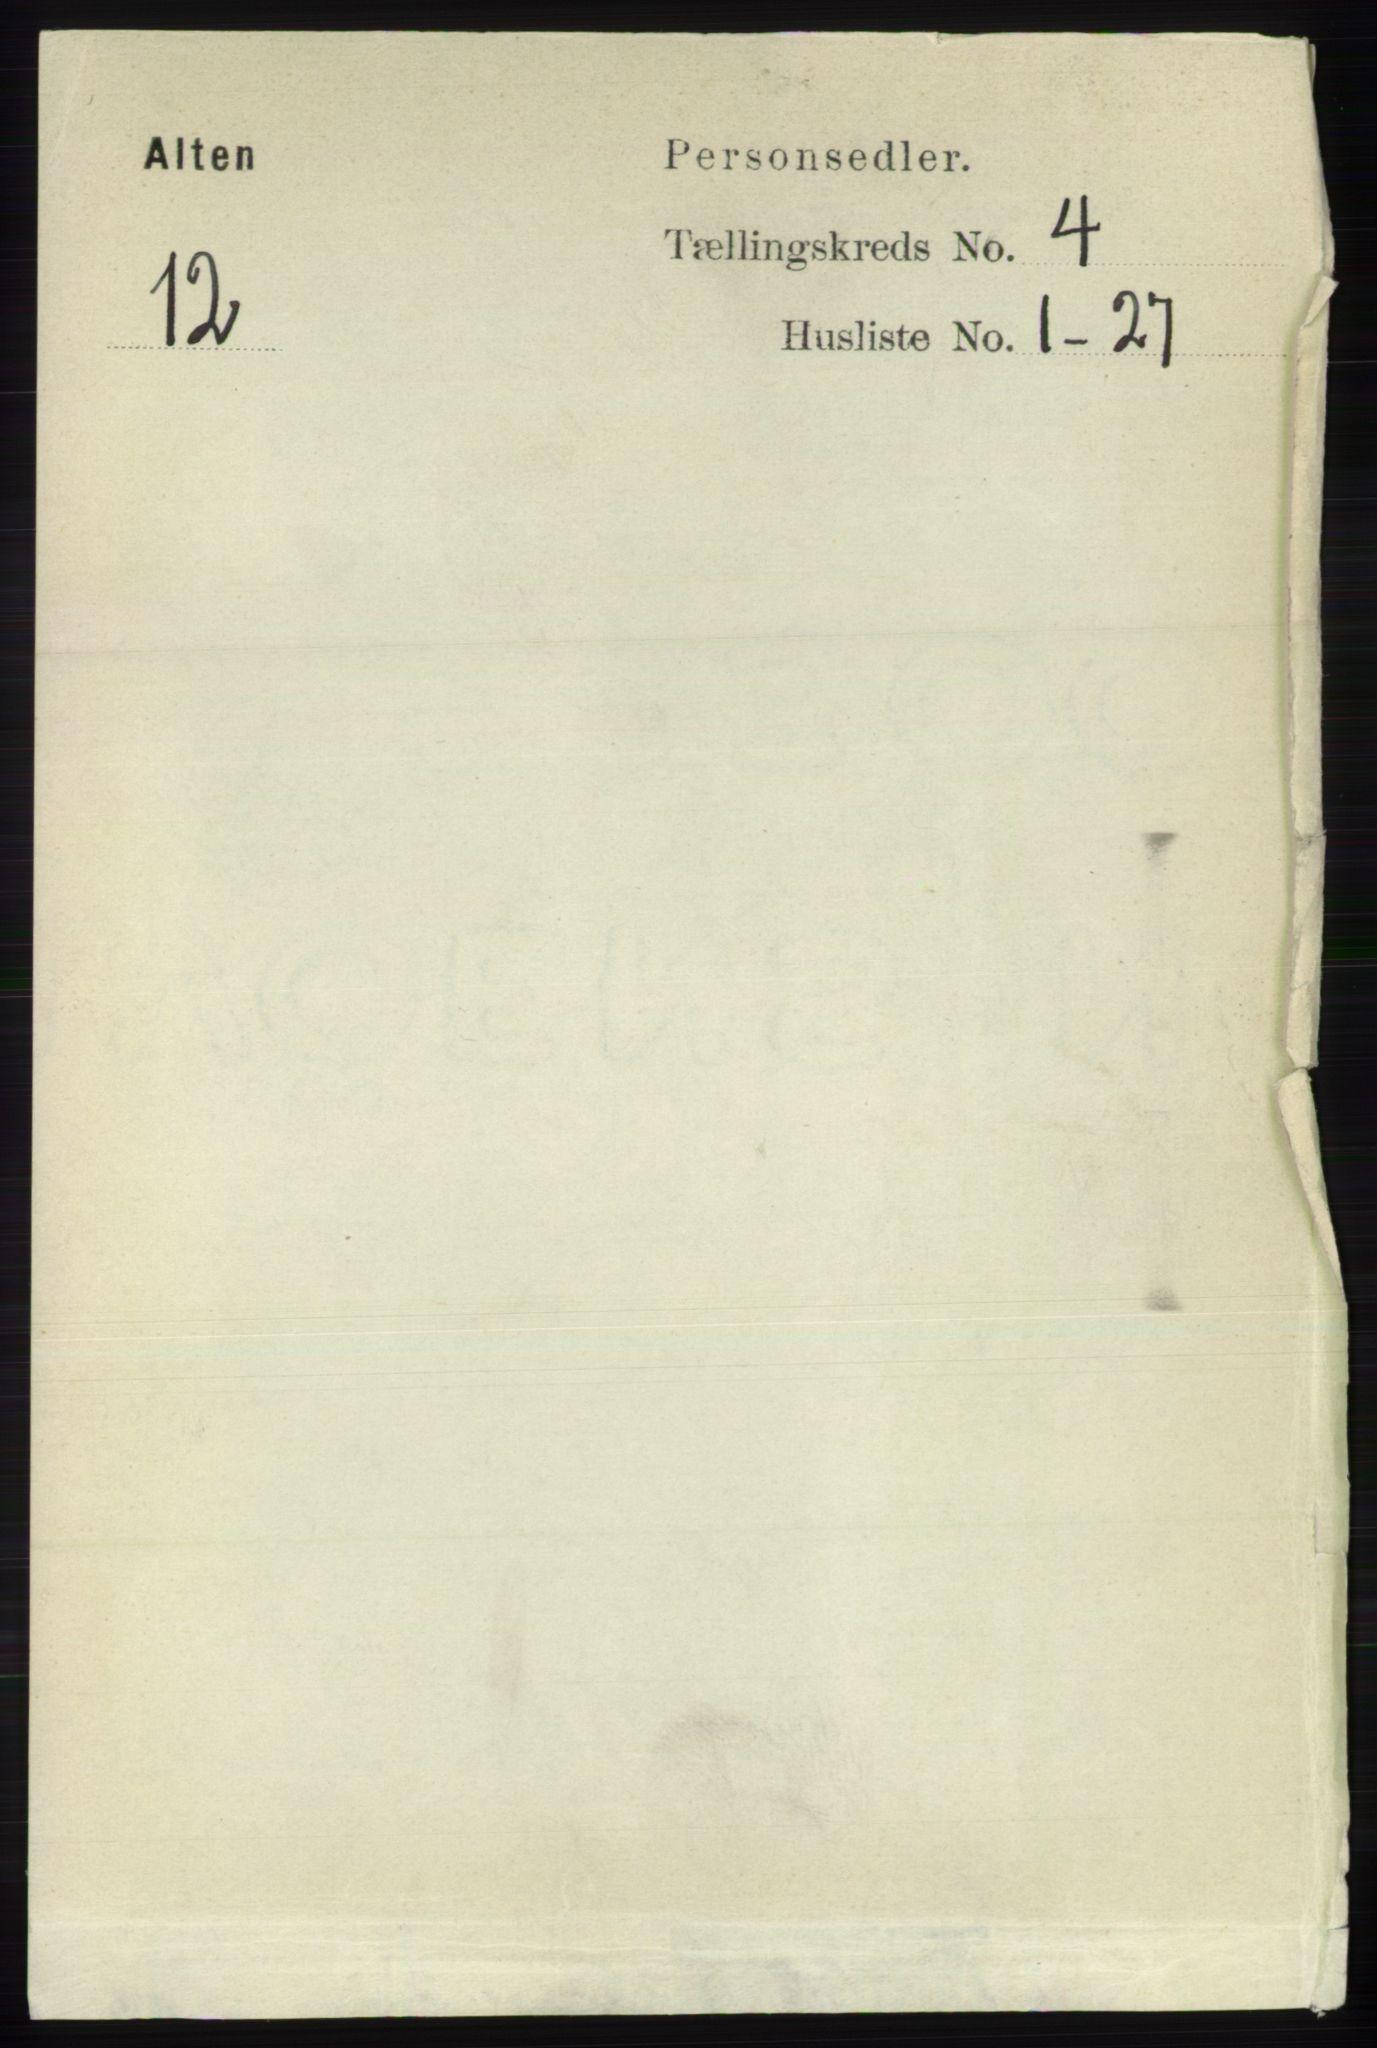 RA, Folketelling 1891 for 2012 Alta herred, 1891, s. 1360